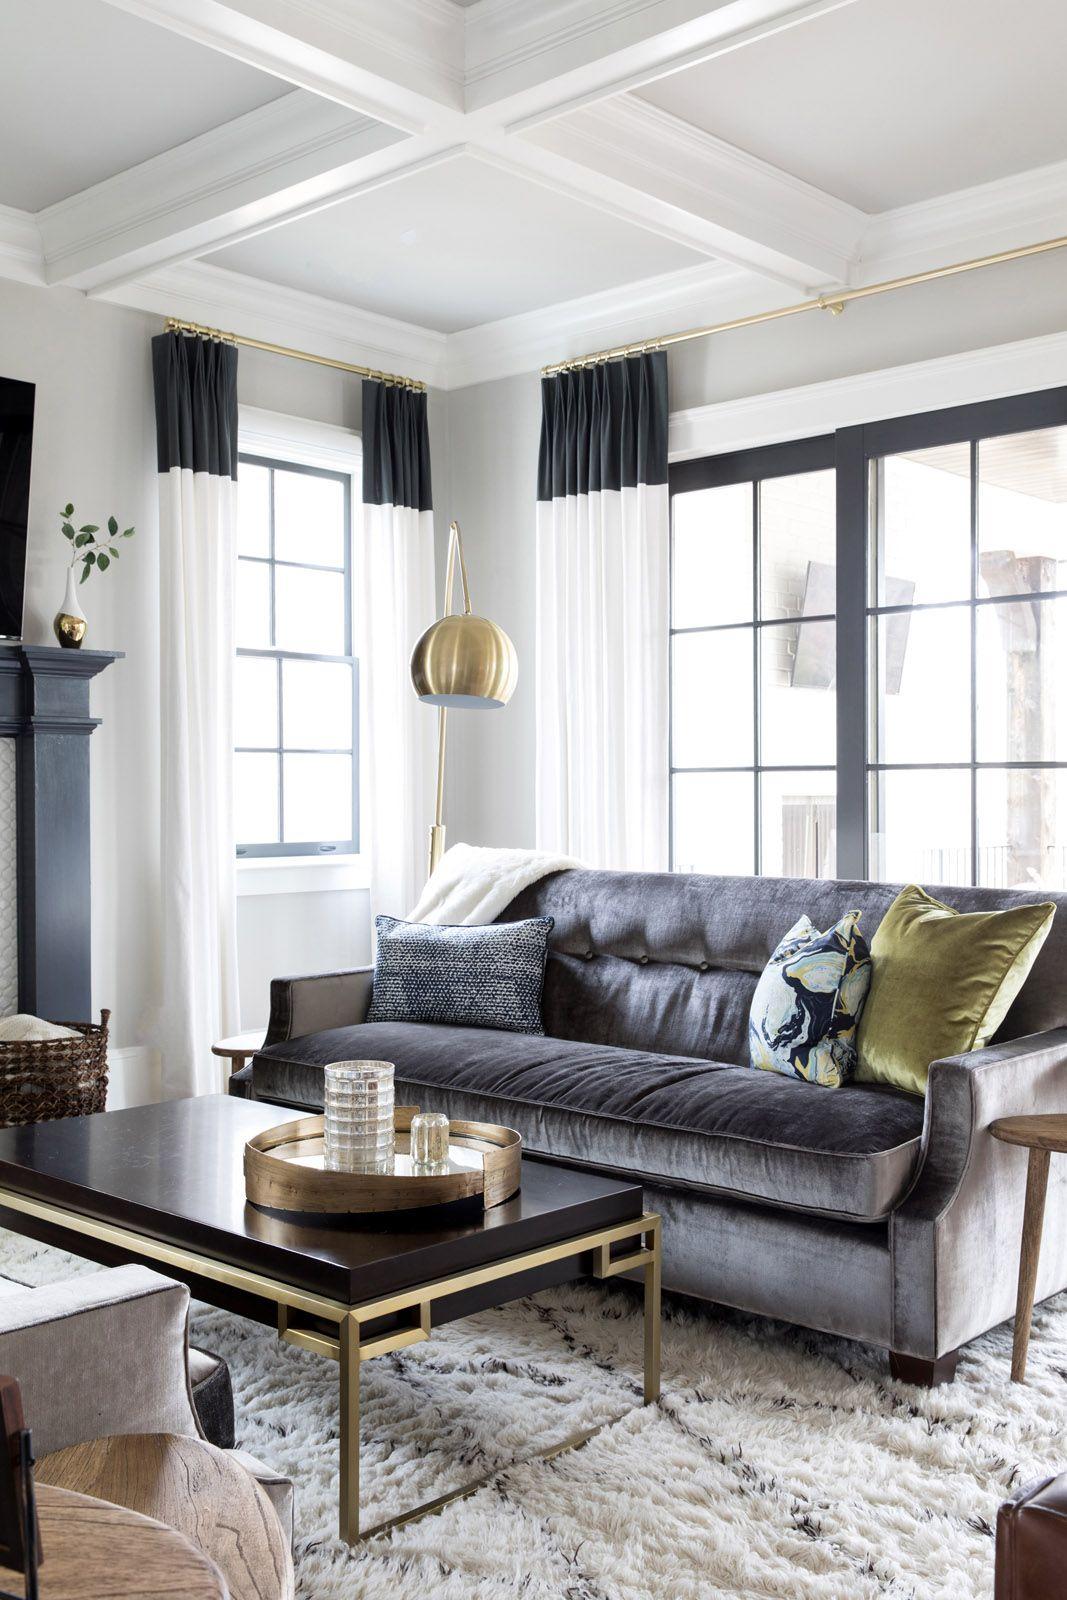 Arborfield New South Home Dark Neutrals Contemporary Chic Living Room Chic Living Room Chic Living Room Design Contemporary chic living room